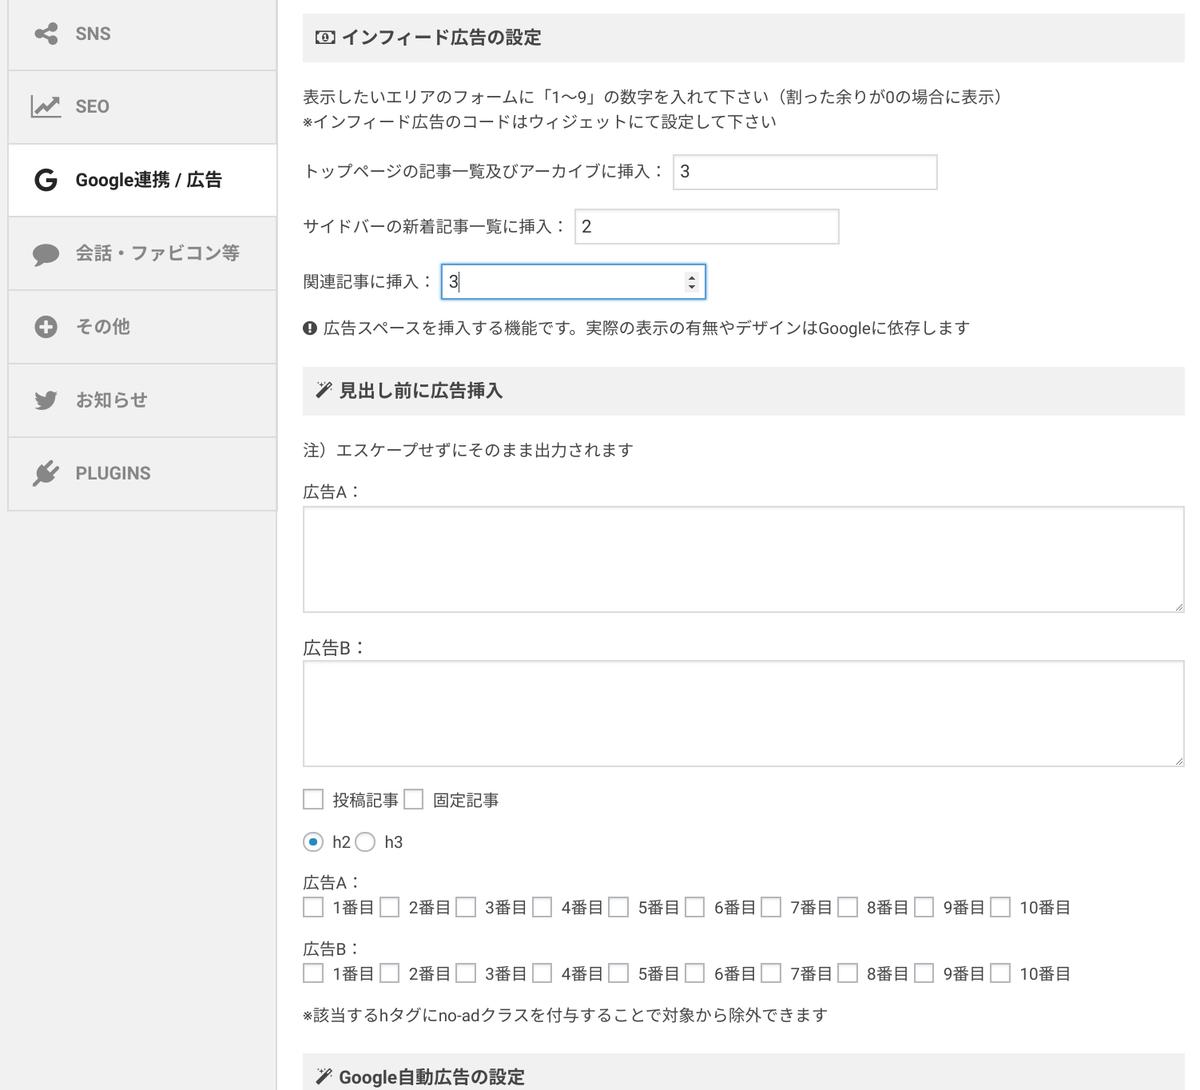 f:id:takemako:20190819080631p:plain